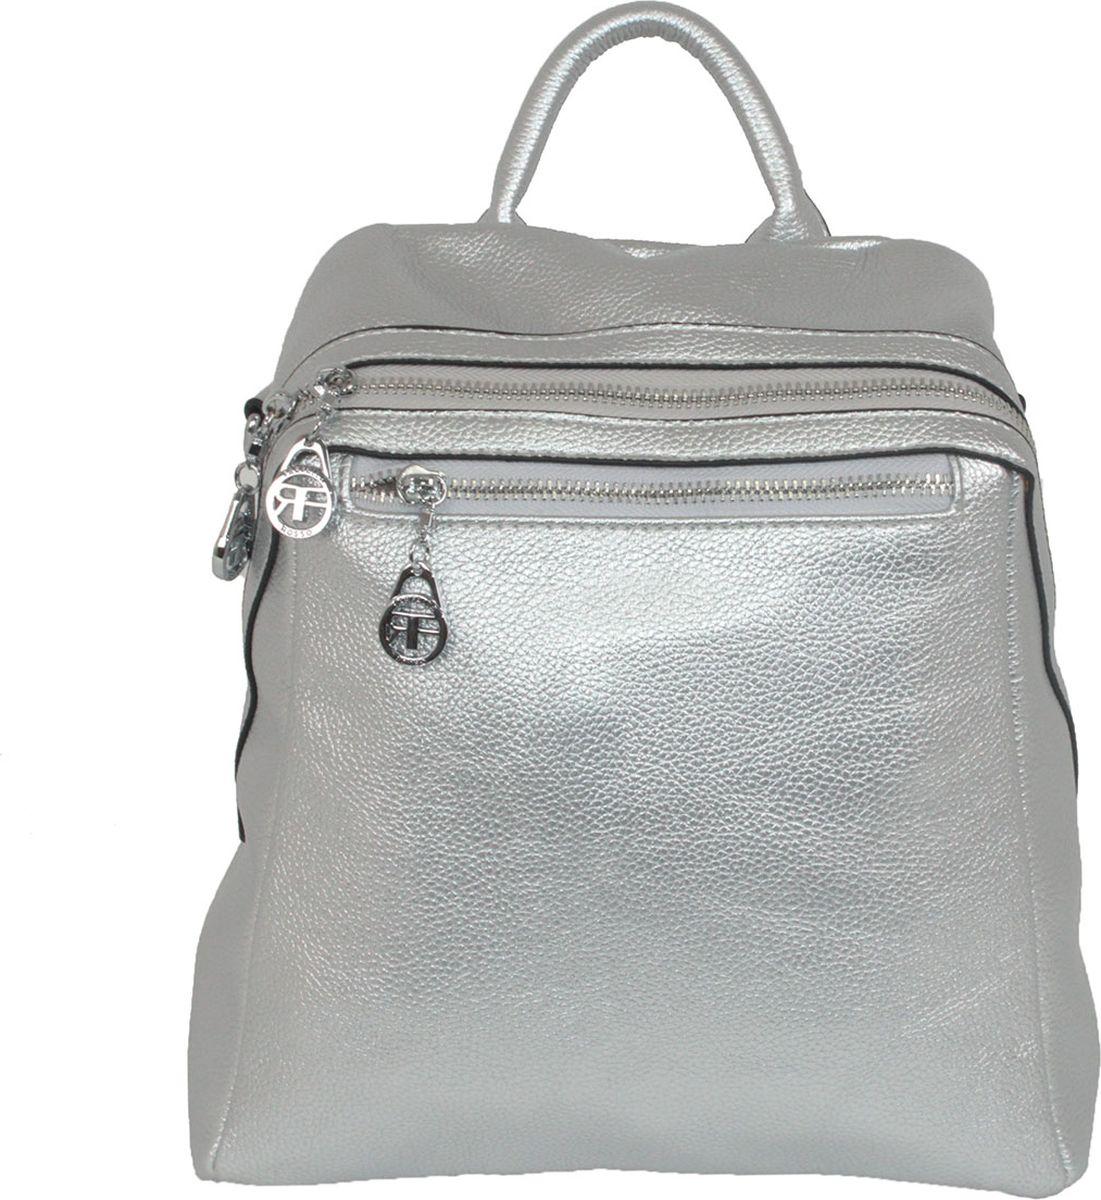 Рюкзак женский Flioraj, цвет: серый. 92251-1605/04 рюкзак женский flioraj цвет серый 9806 1605 106